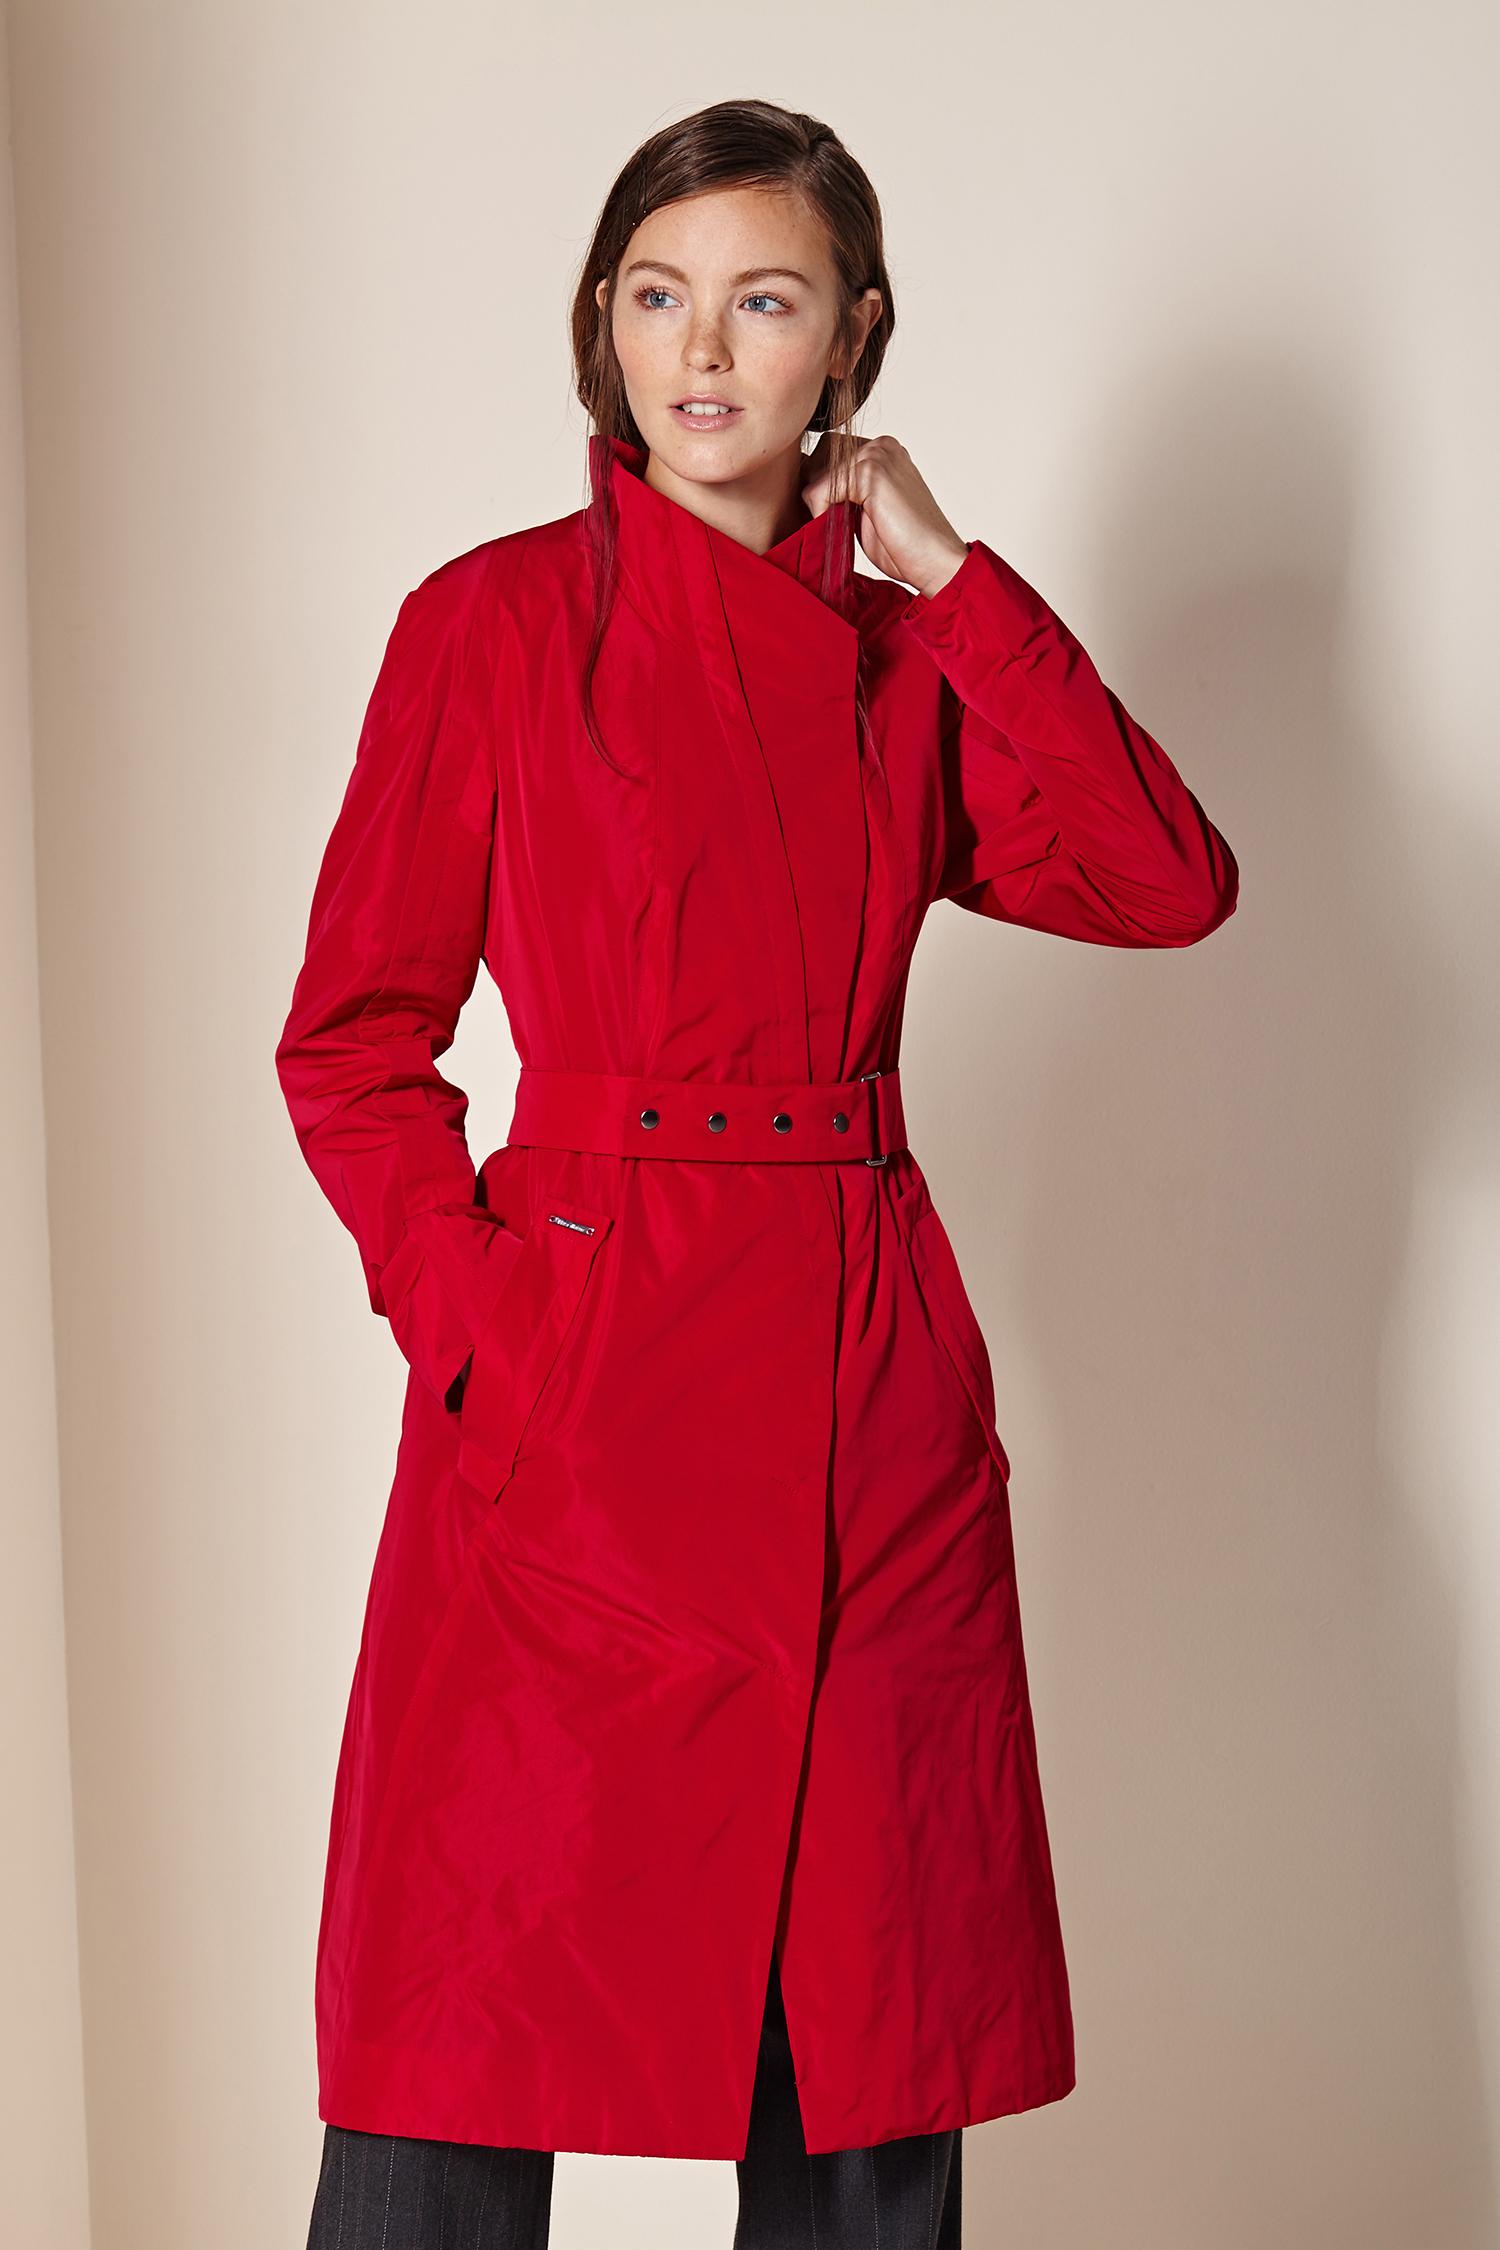 Женское пальто с воротником, без отделки. Производитель: Московская Меховая Компания, артикул: 8530